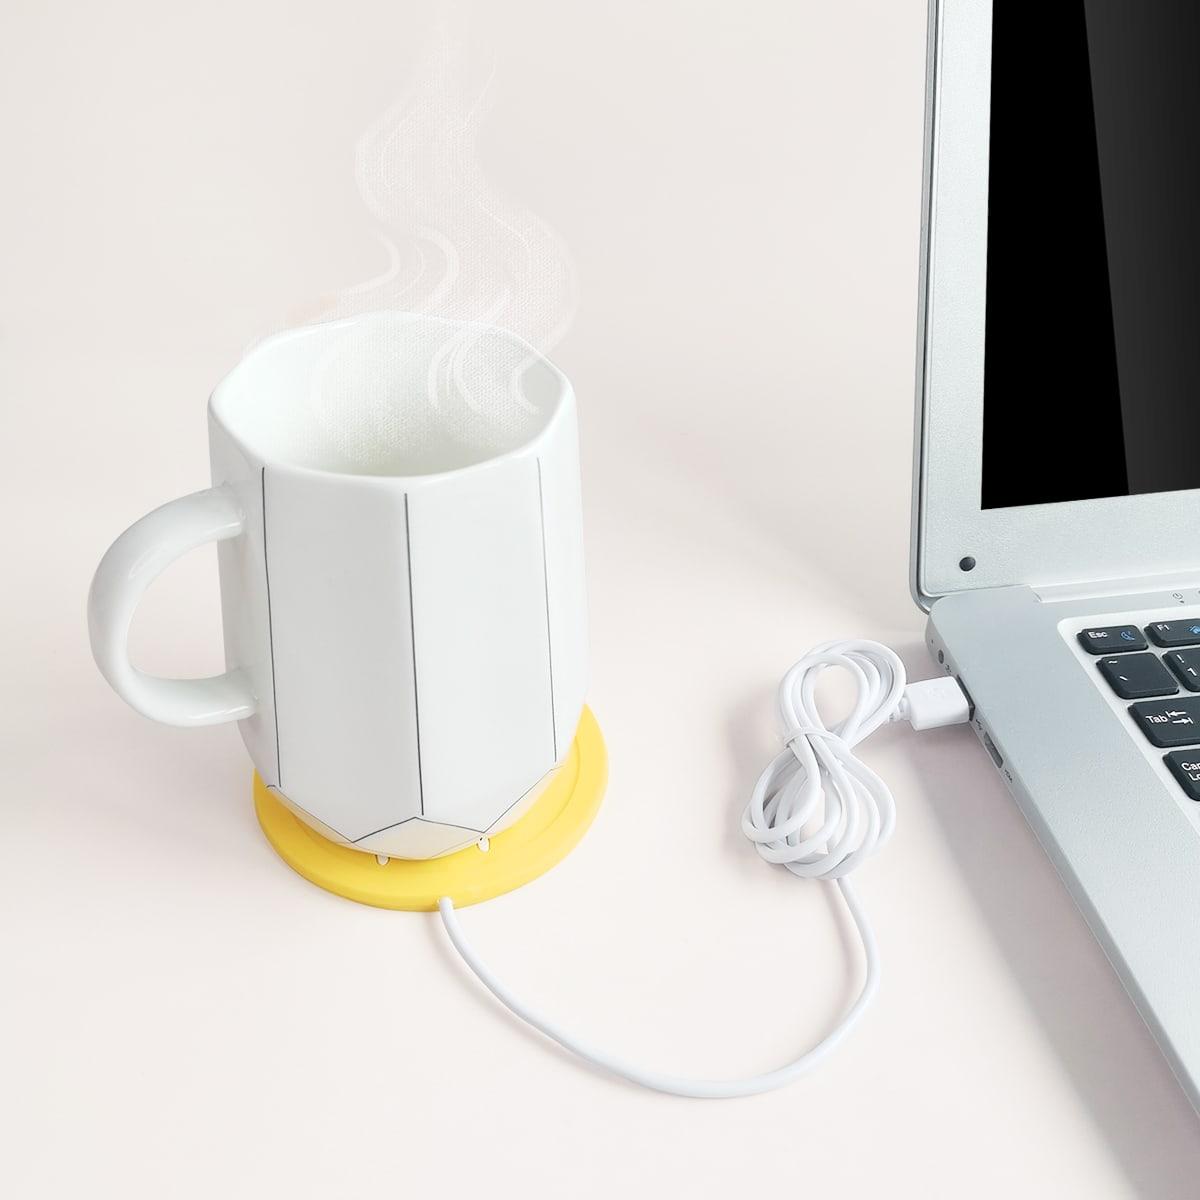 USB-мультипликационная нагревательная подставка